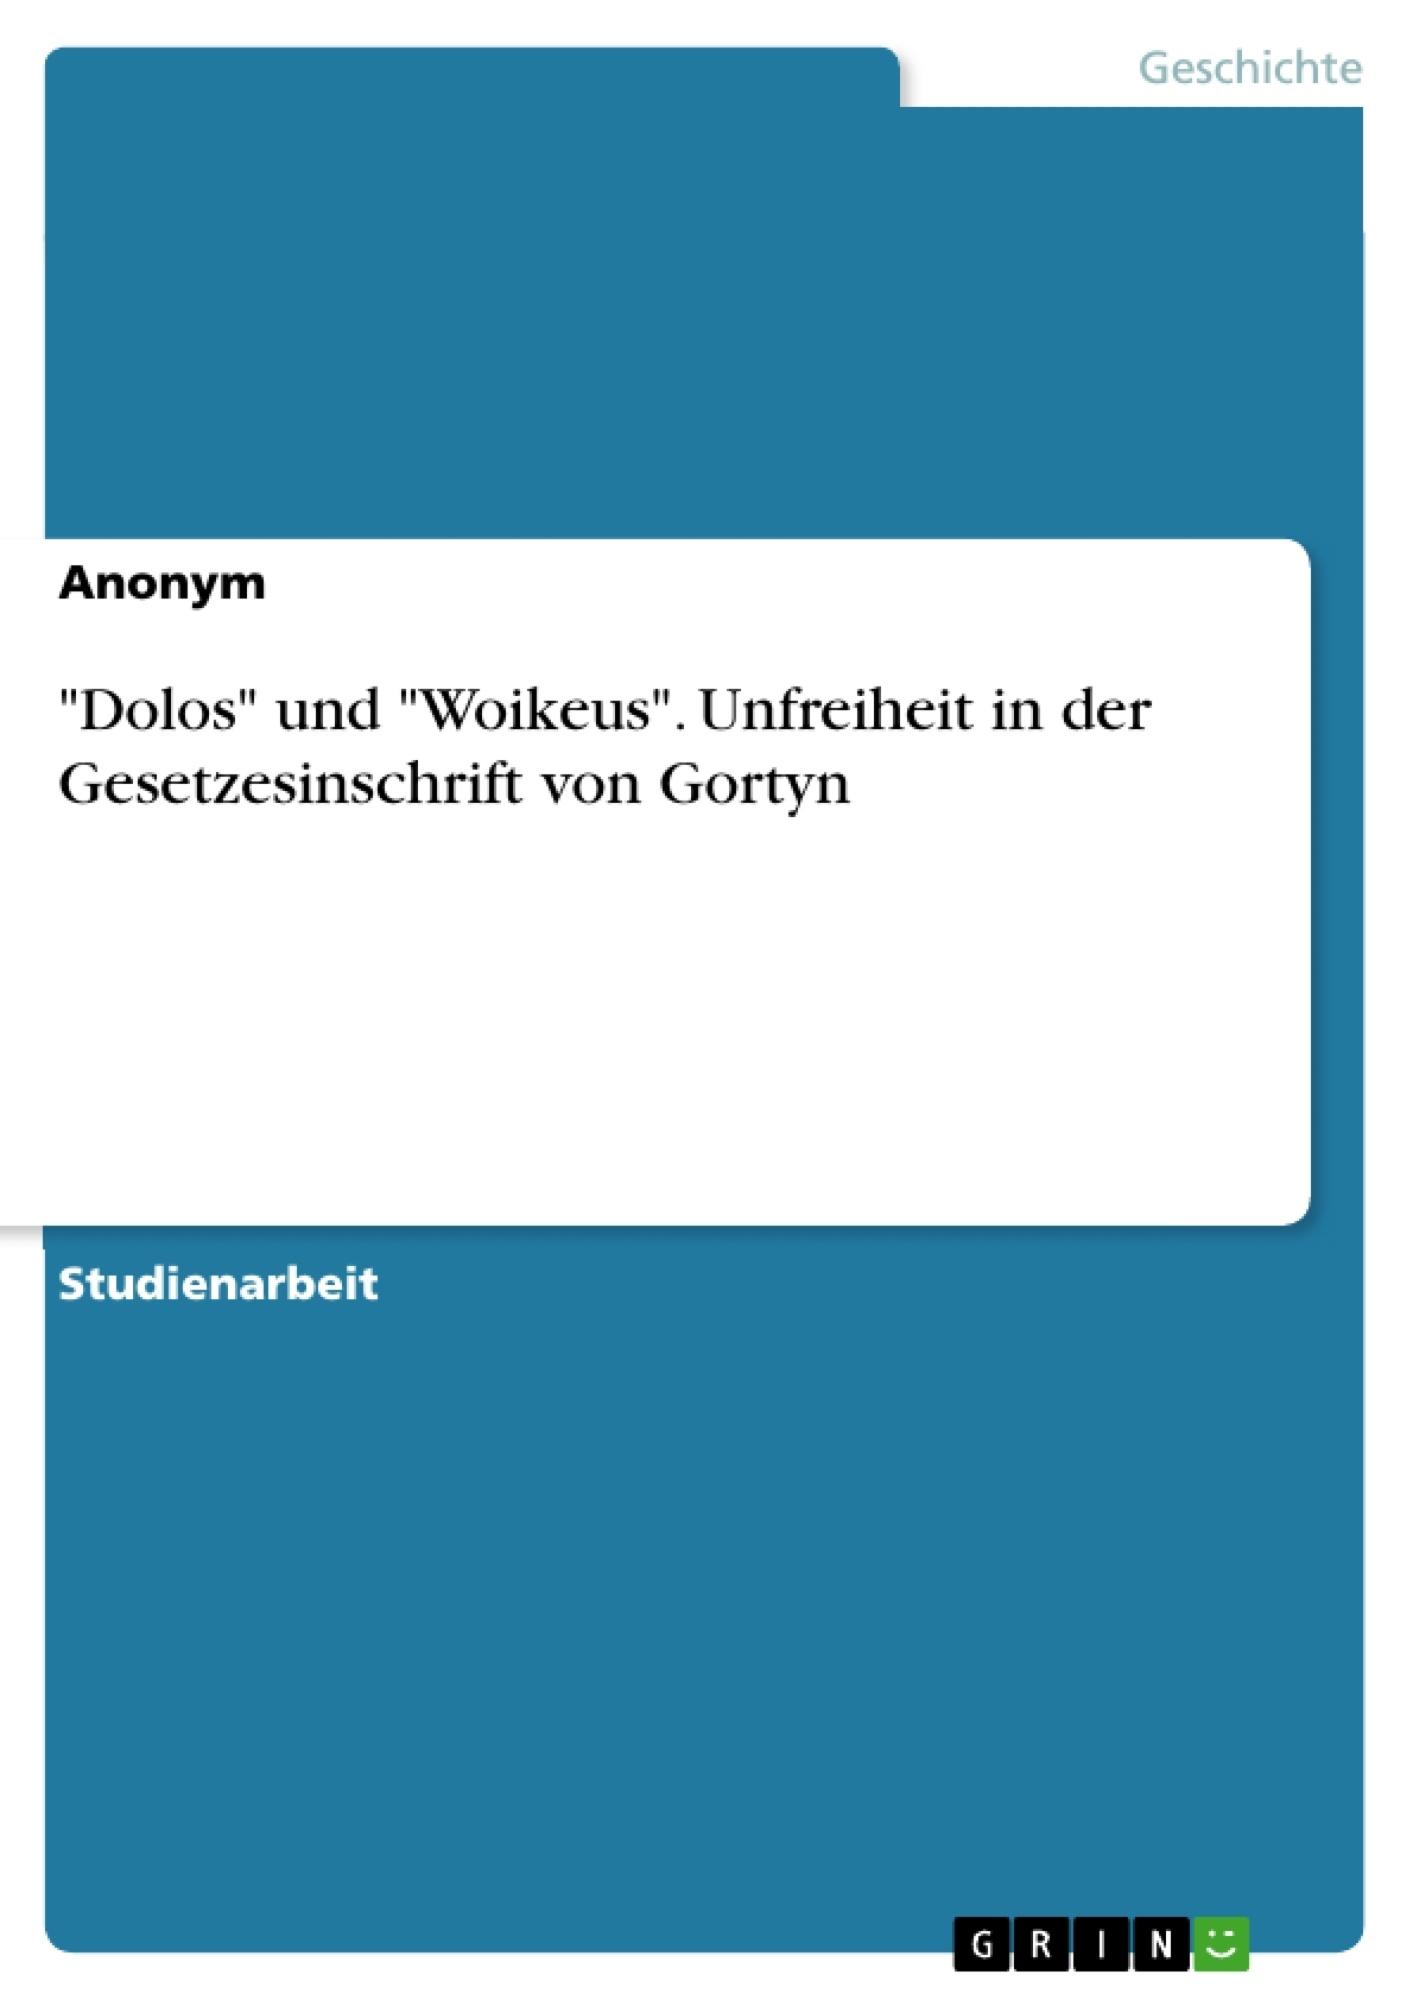 """Titel: """"Dolos"""" und """"Woikeus"""". Unfreiheit in der Gesetzesinschrift von Gortyn"""